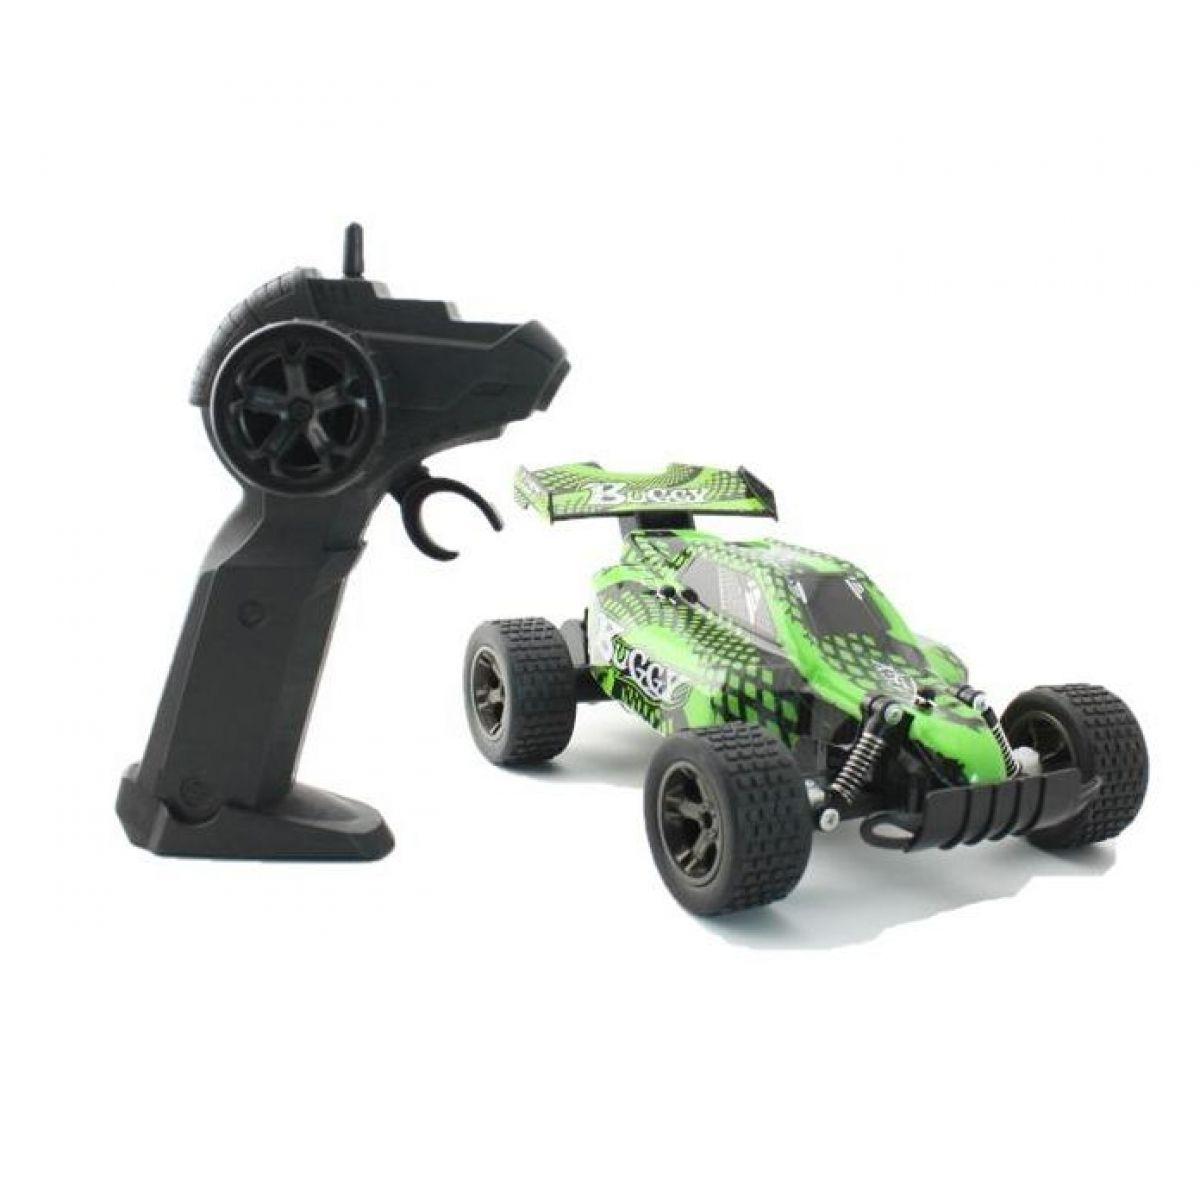 Alltoys RC auto 1:18 rychlé buggy zelená